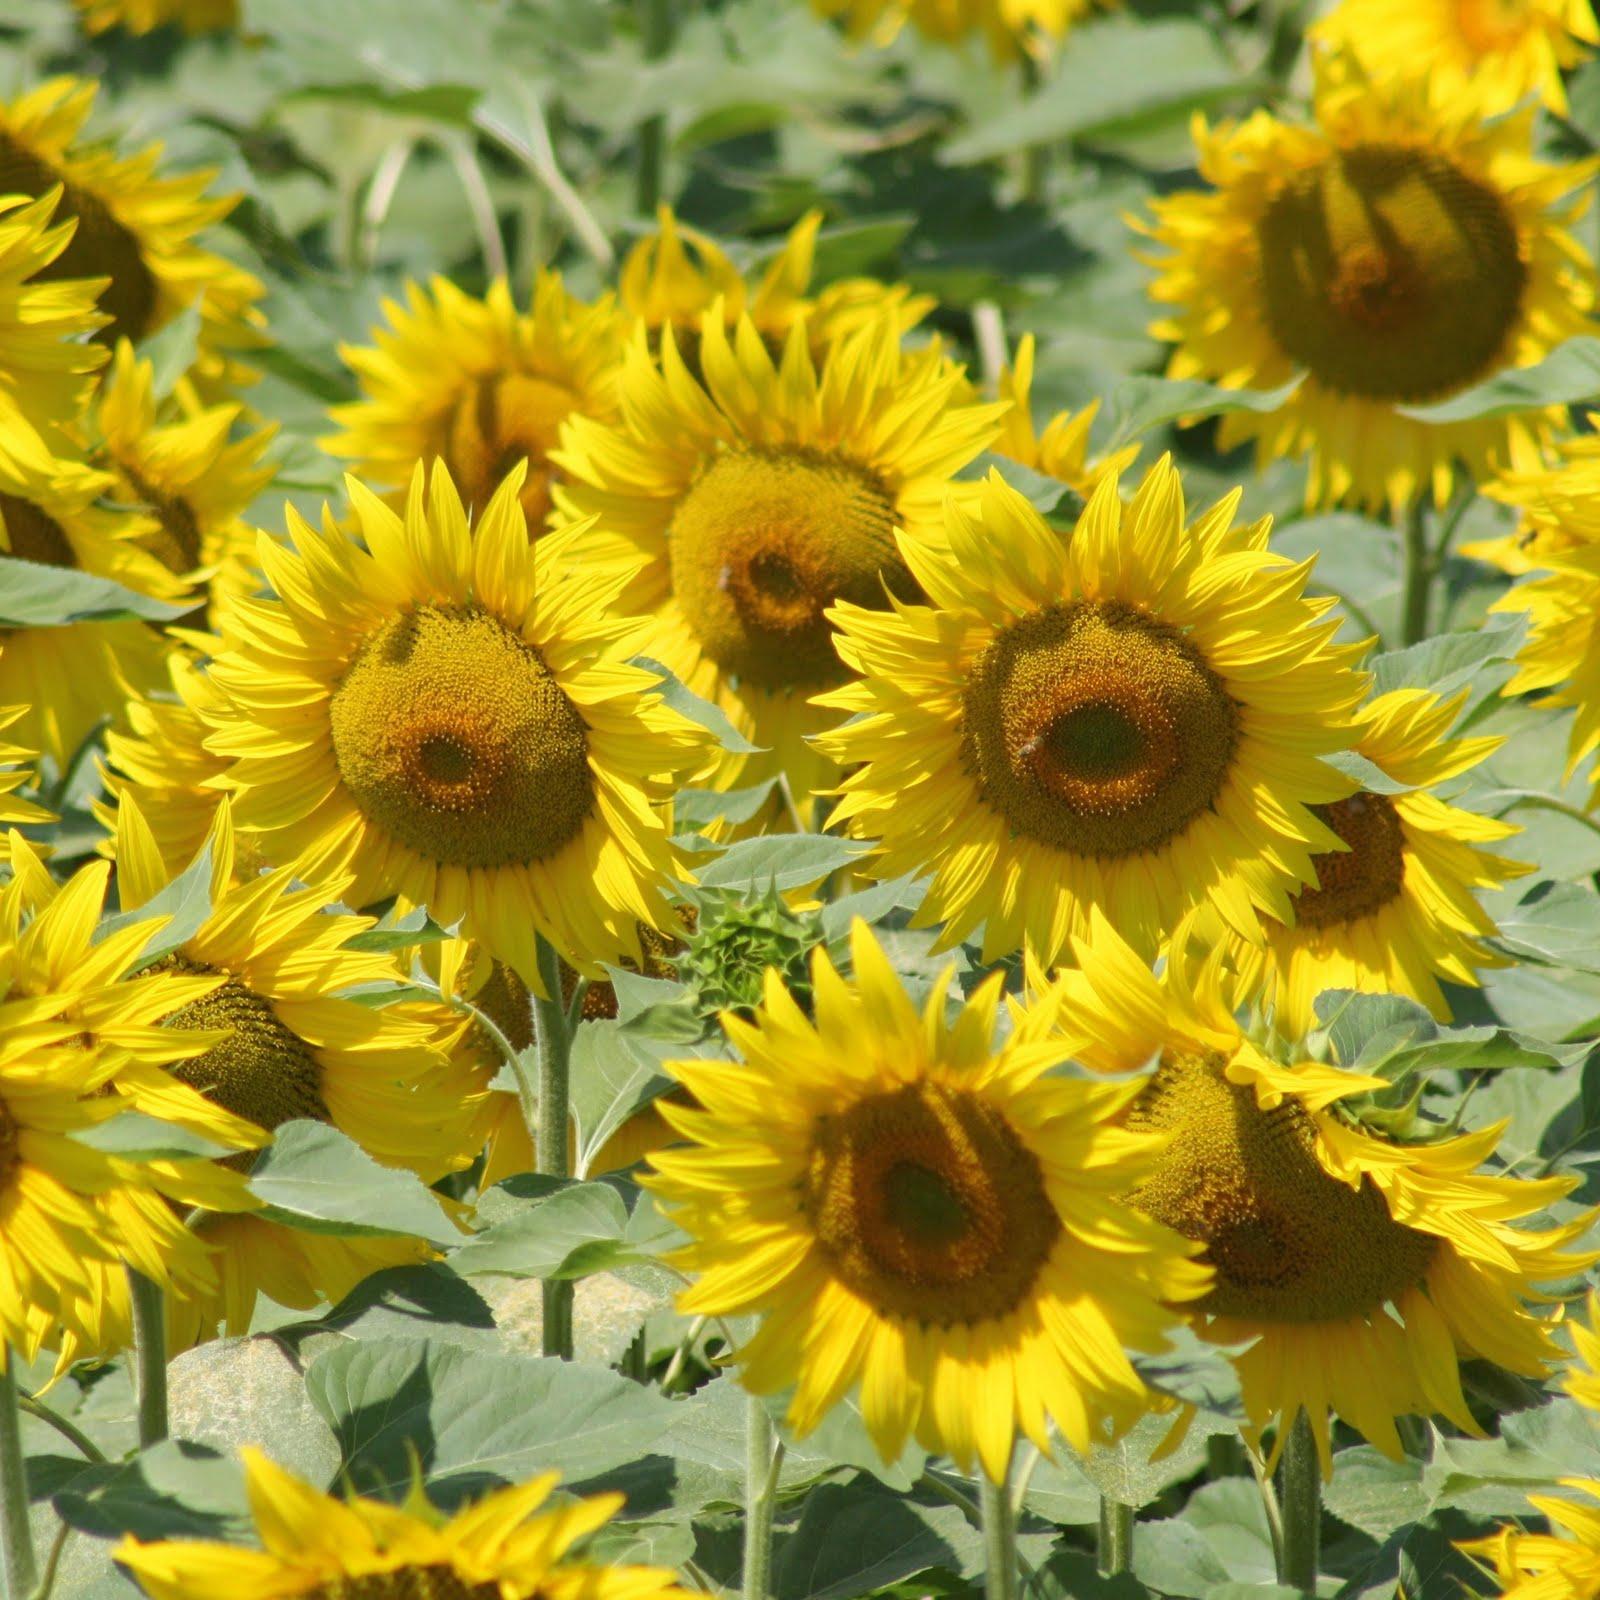 Immagini di campi di fiori - Immagini di fiori tedeschi ...